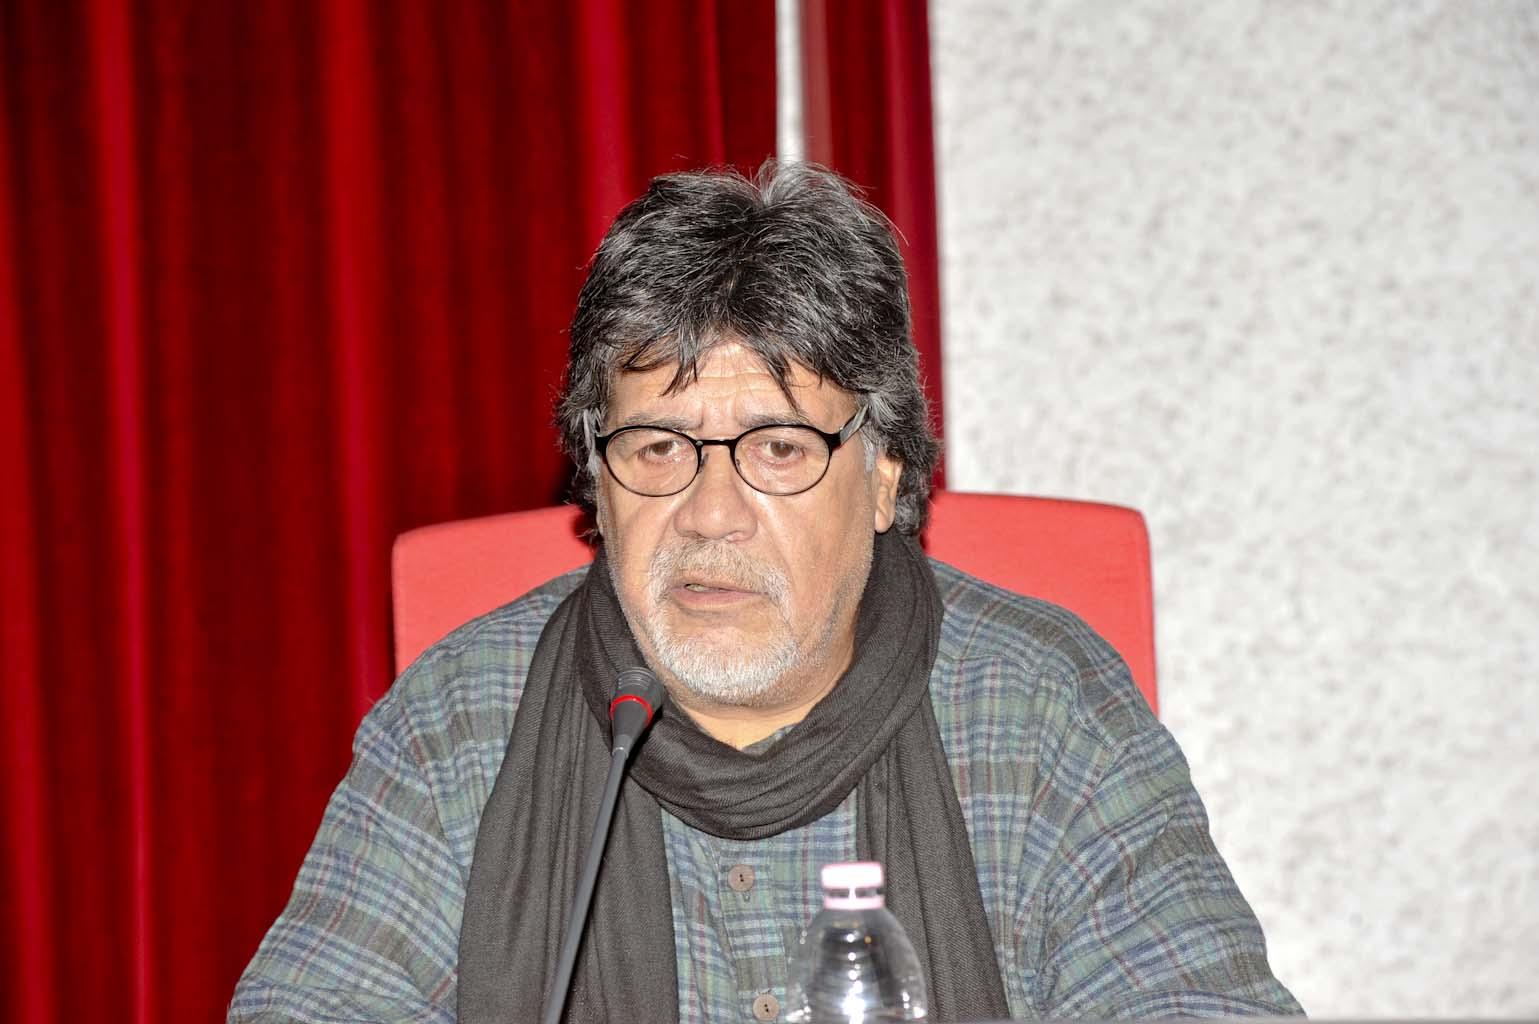 È morto Luis Sepúlveda, lo scrittore cileno si era ammalato di Covid-19